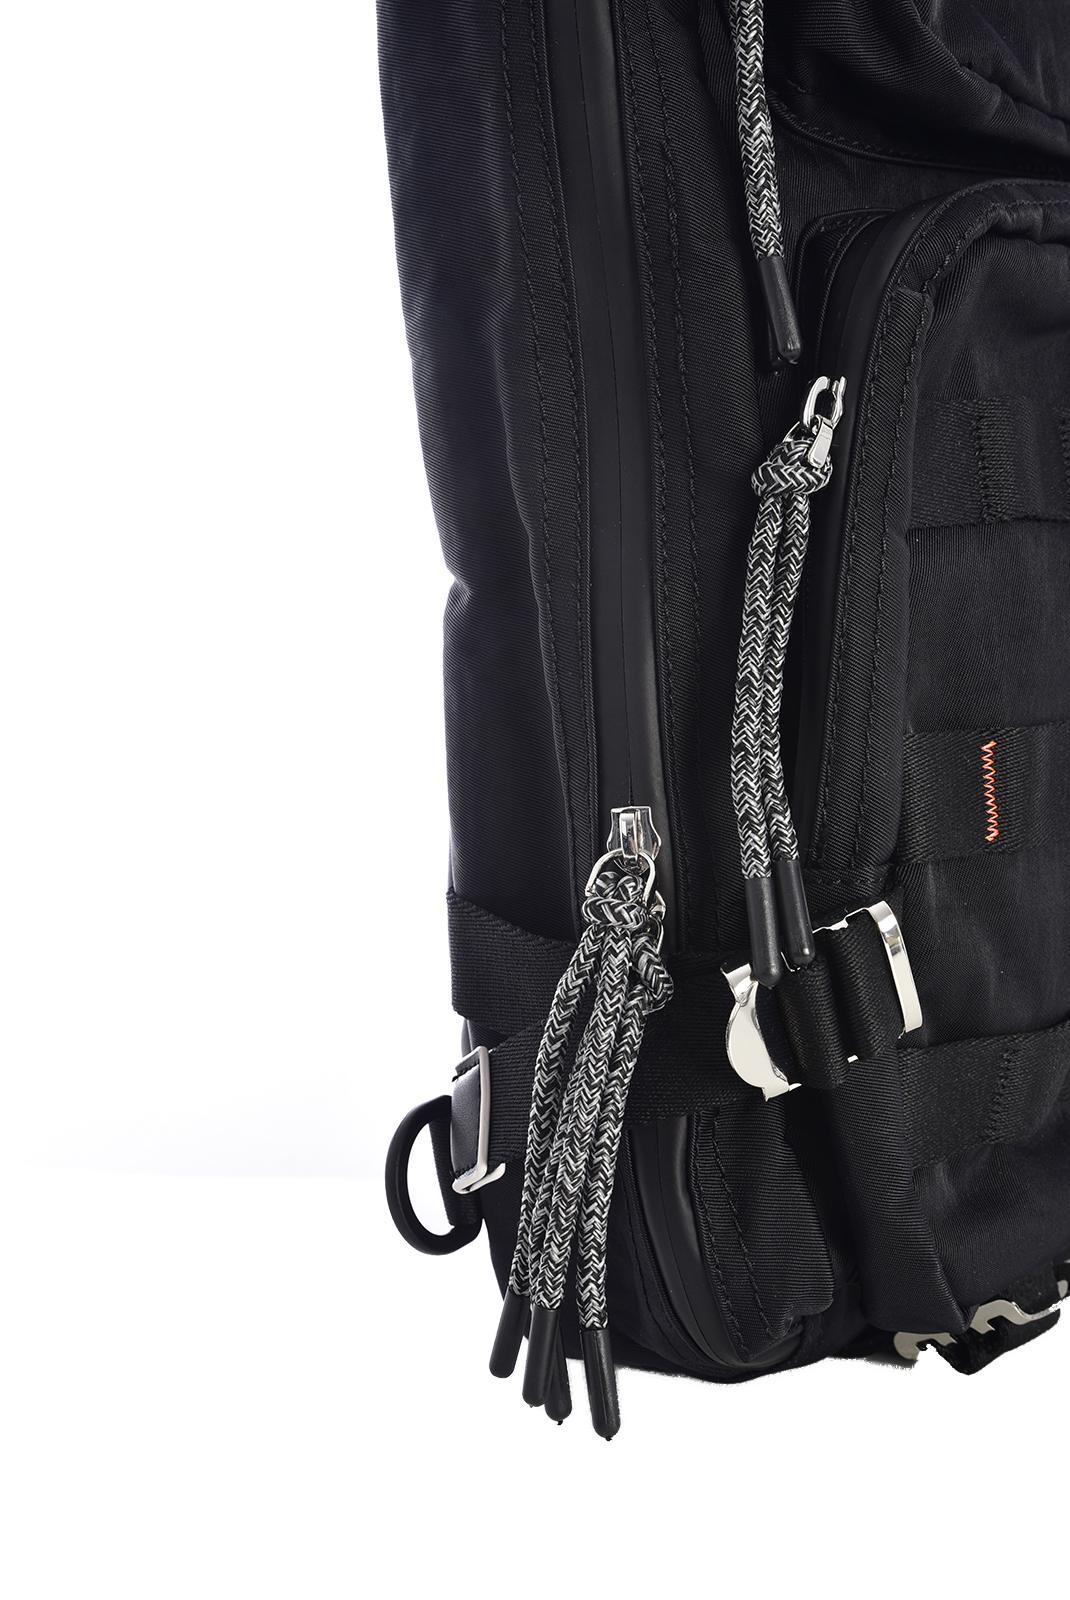 Sacs à dos  Guess jeans HM6793 NYL94 BLACK